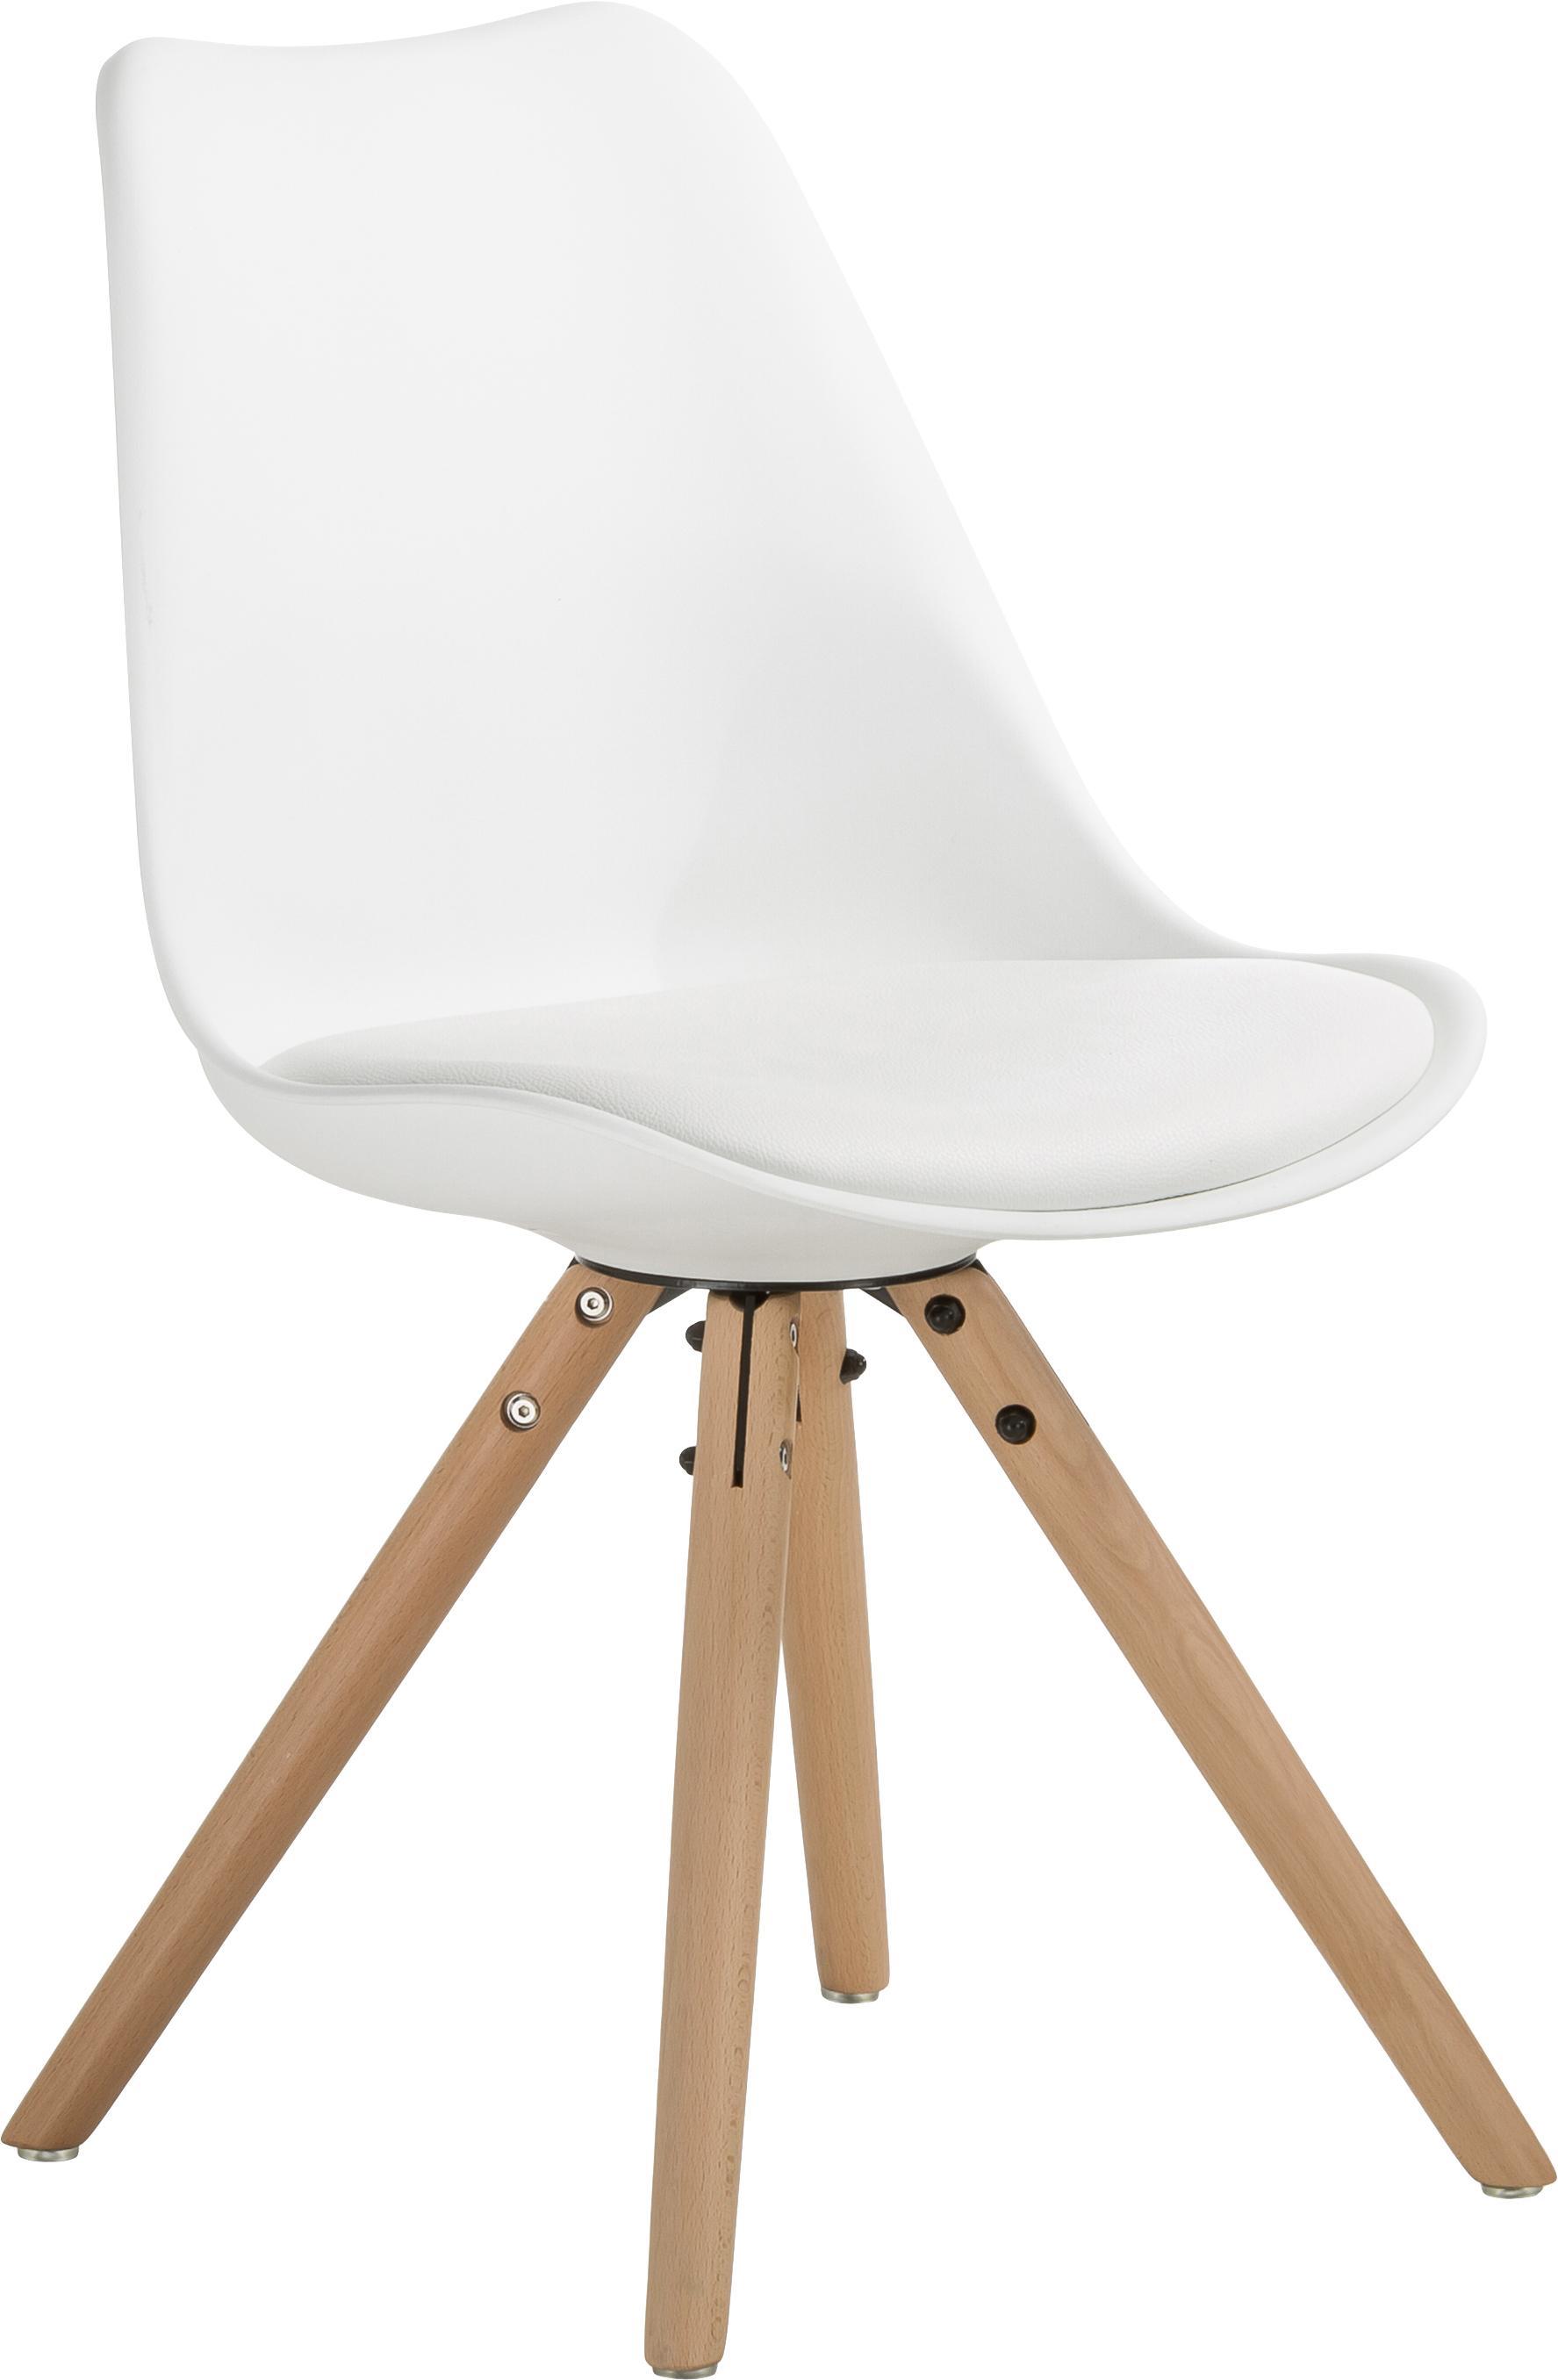 Stühle Max mit Kunstleder-Sitzfläche, 2 Stück, Sitzfläche: Kunstleder (Polyurethan), Sitzschale: Kunststoff, Beine: Buchenholz, Weiss, B 46 x T 54 cm